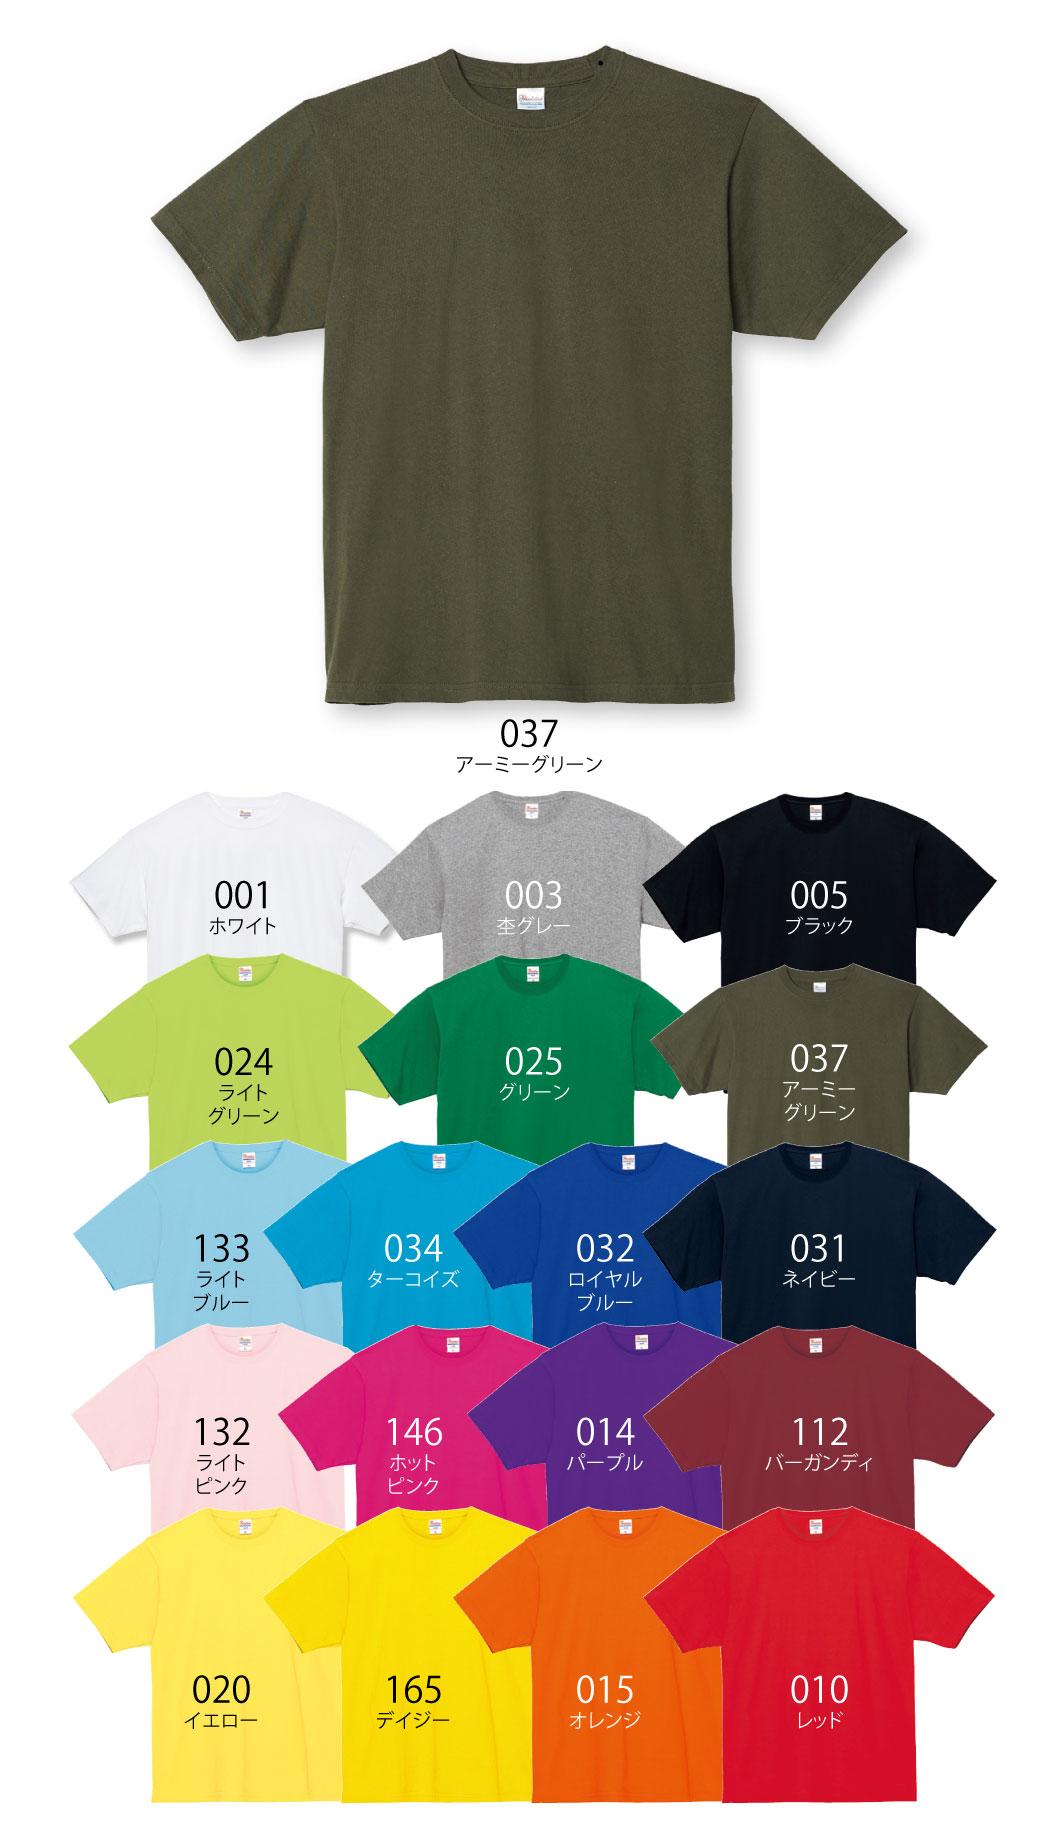 00148-HVTスーパーヘビーウェイトTシャツのカラー見本